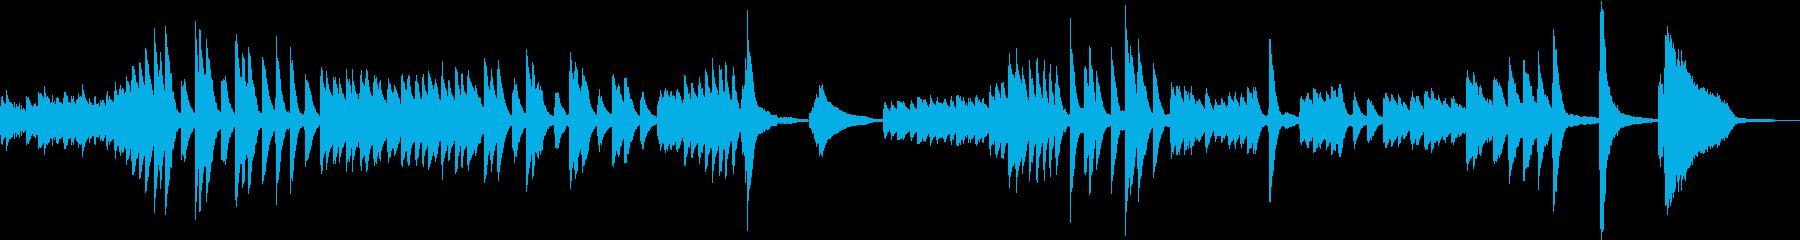 可愛いピアノ曲の再生済みの波形